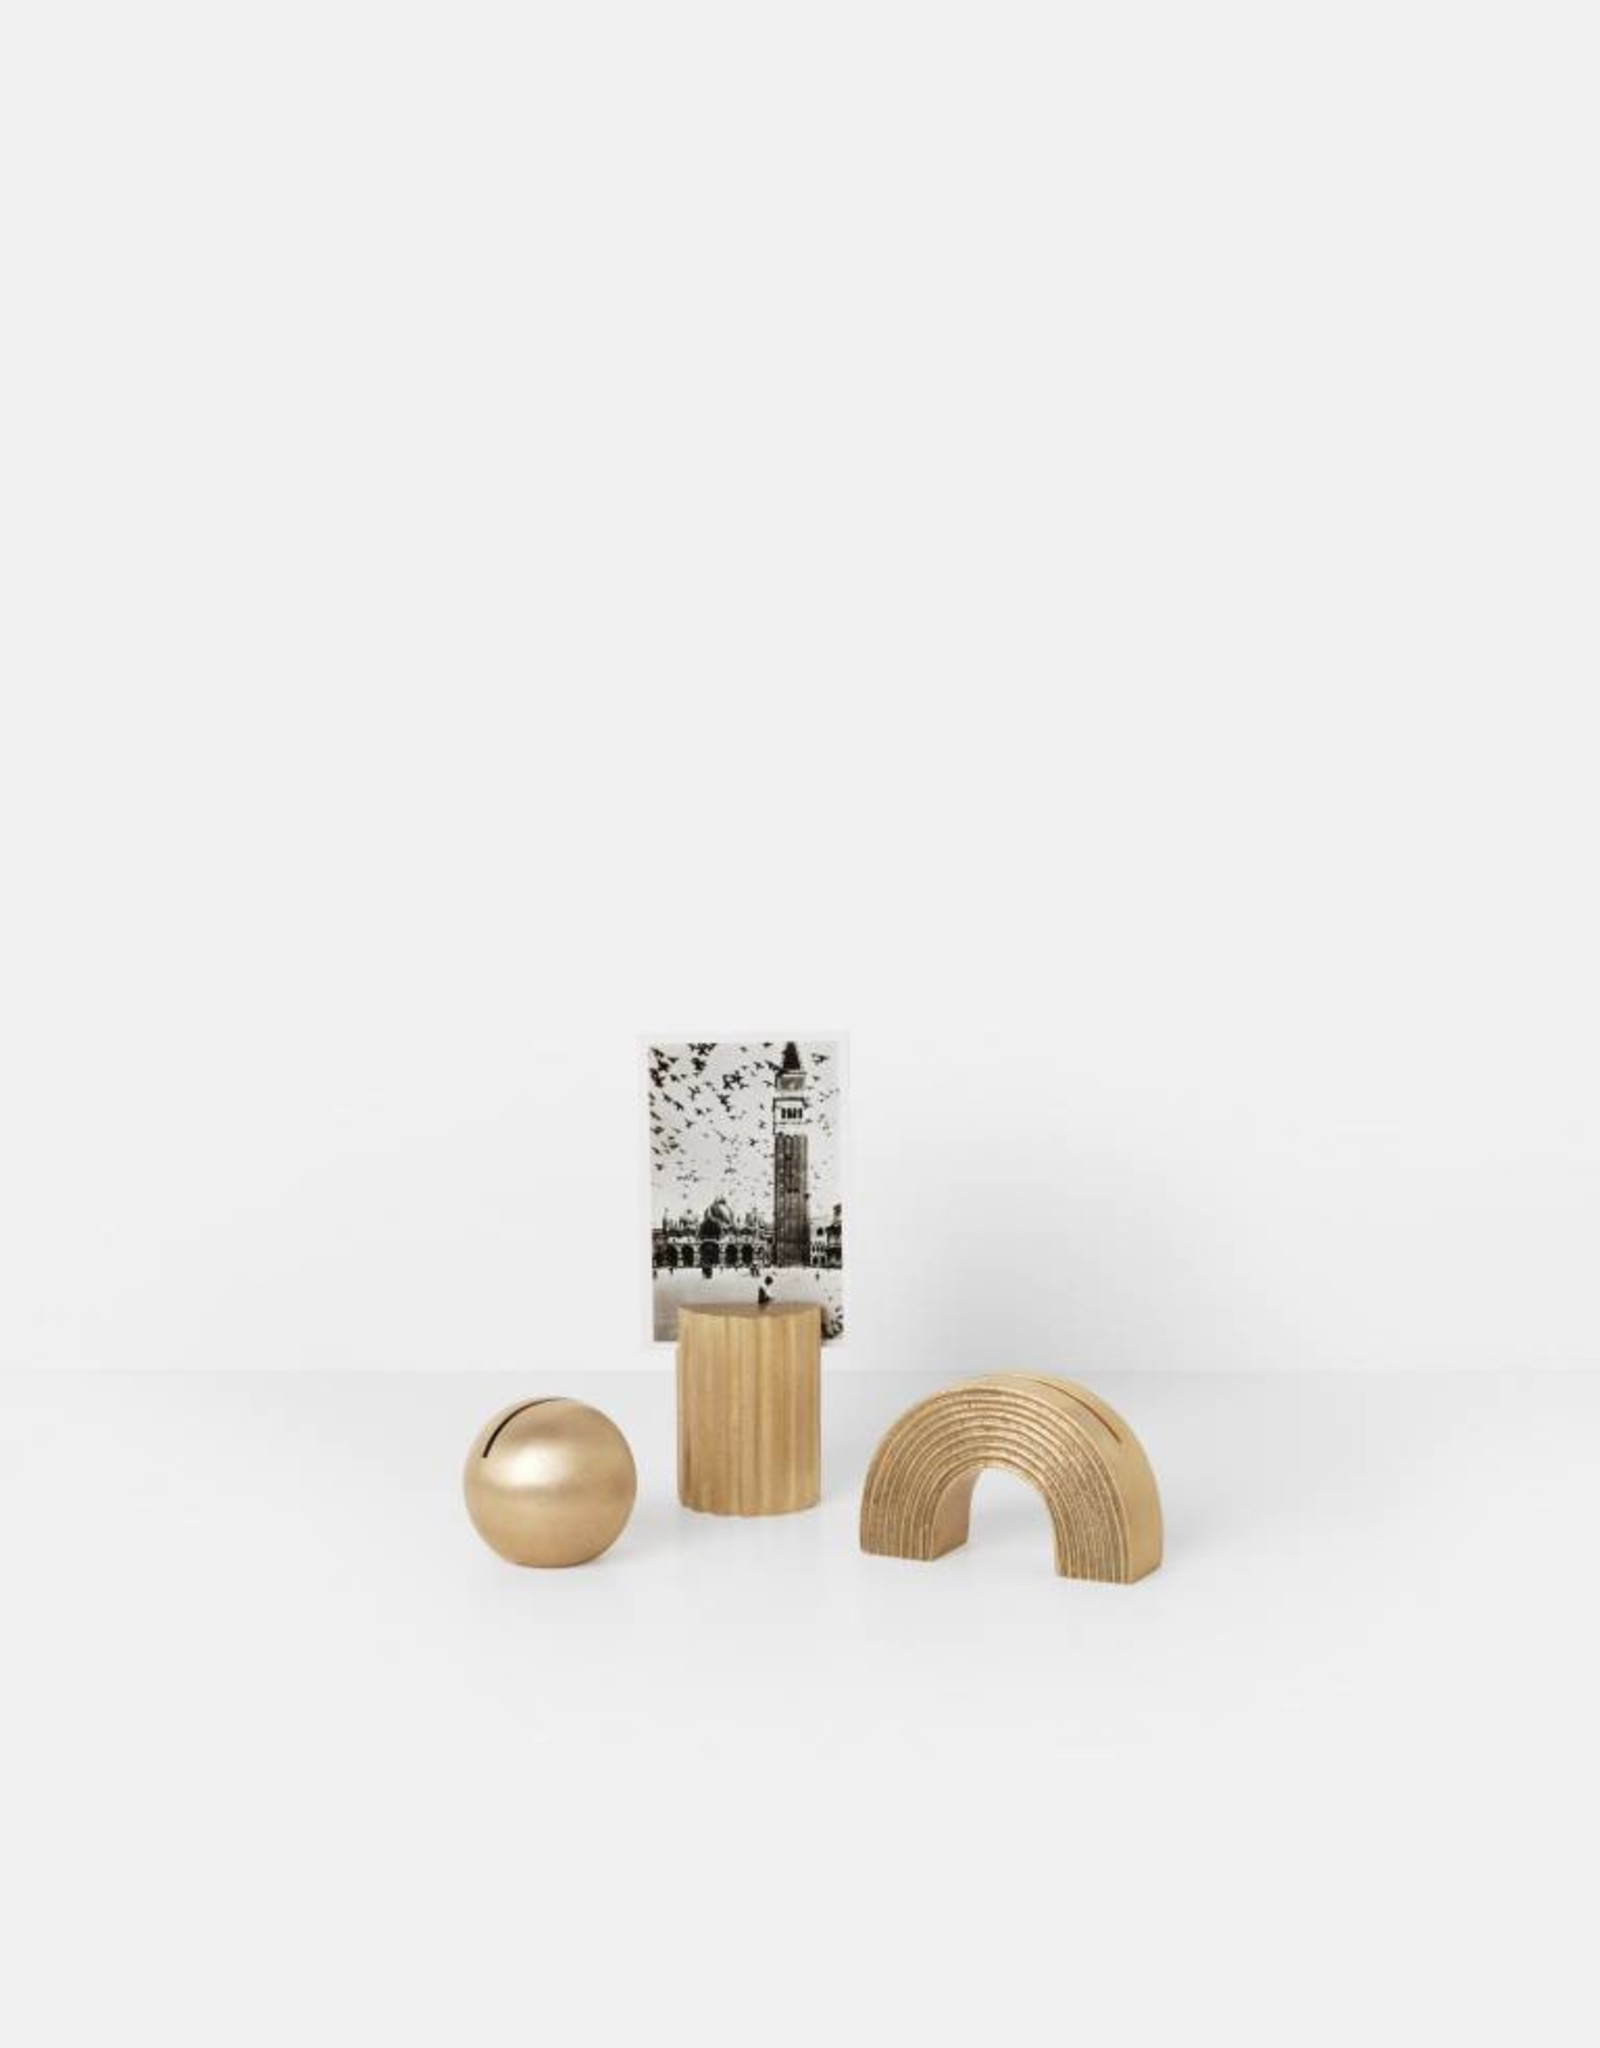 Ferm Living Card Stand - Brass - Sphere